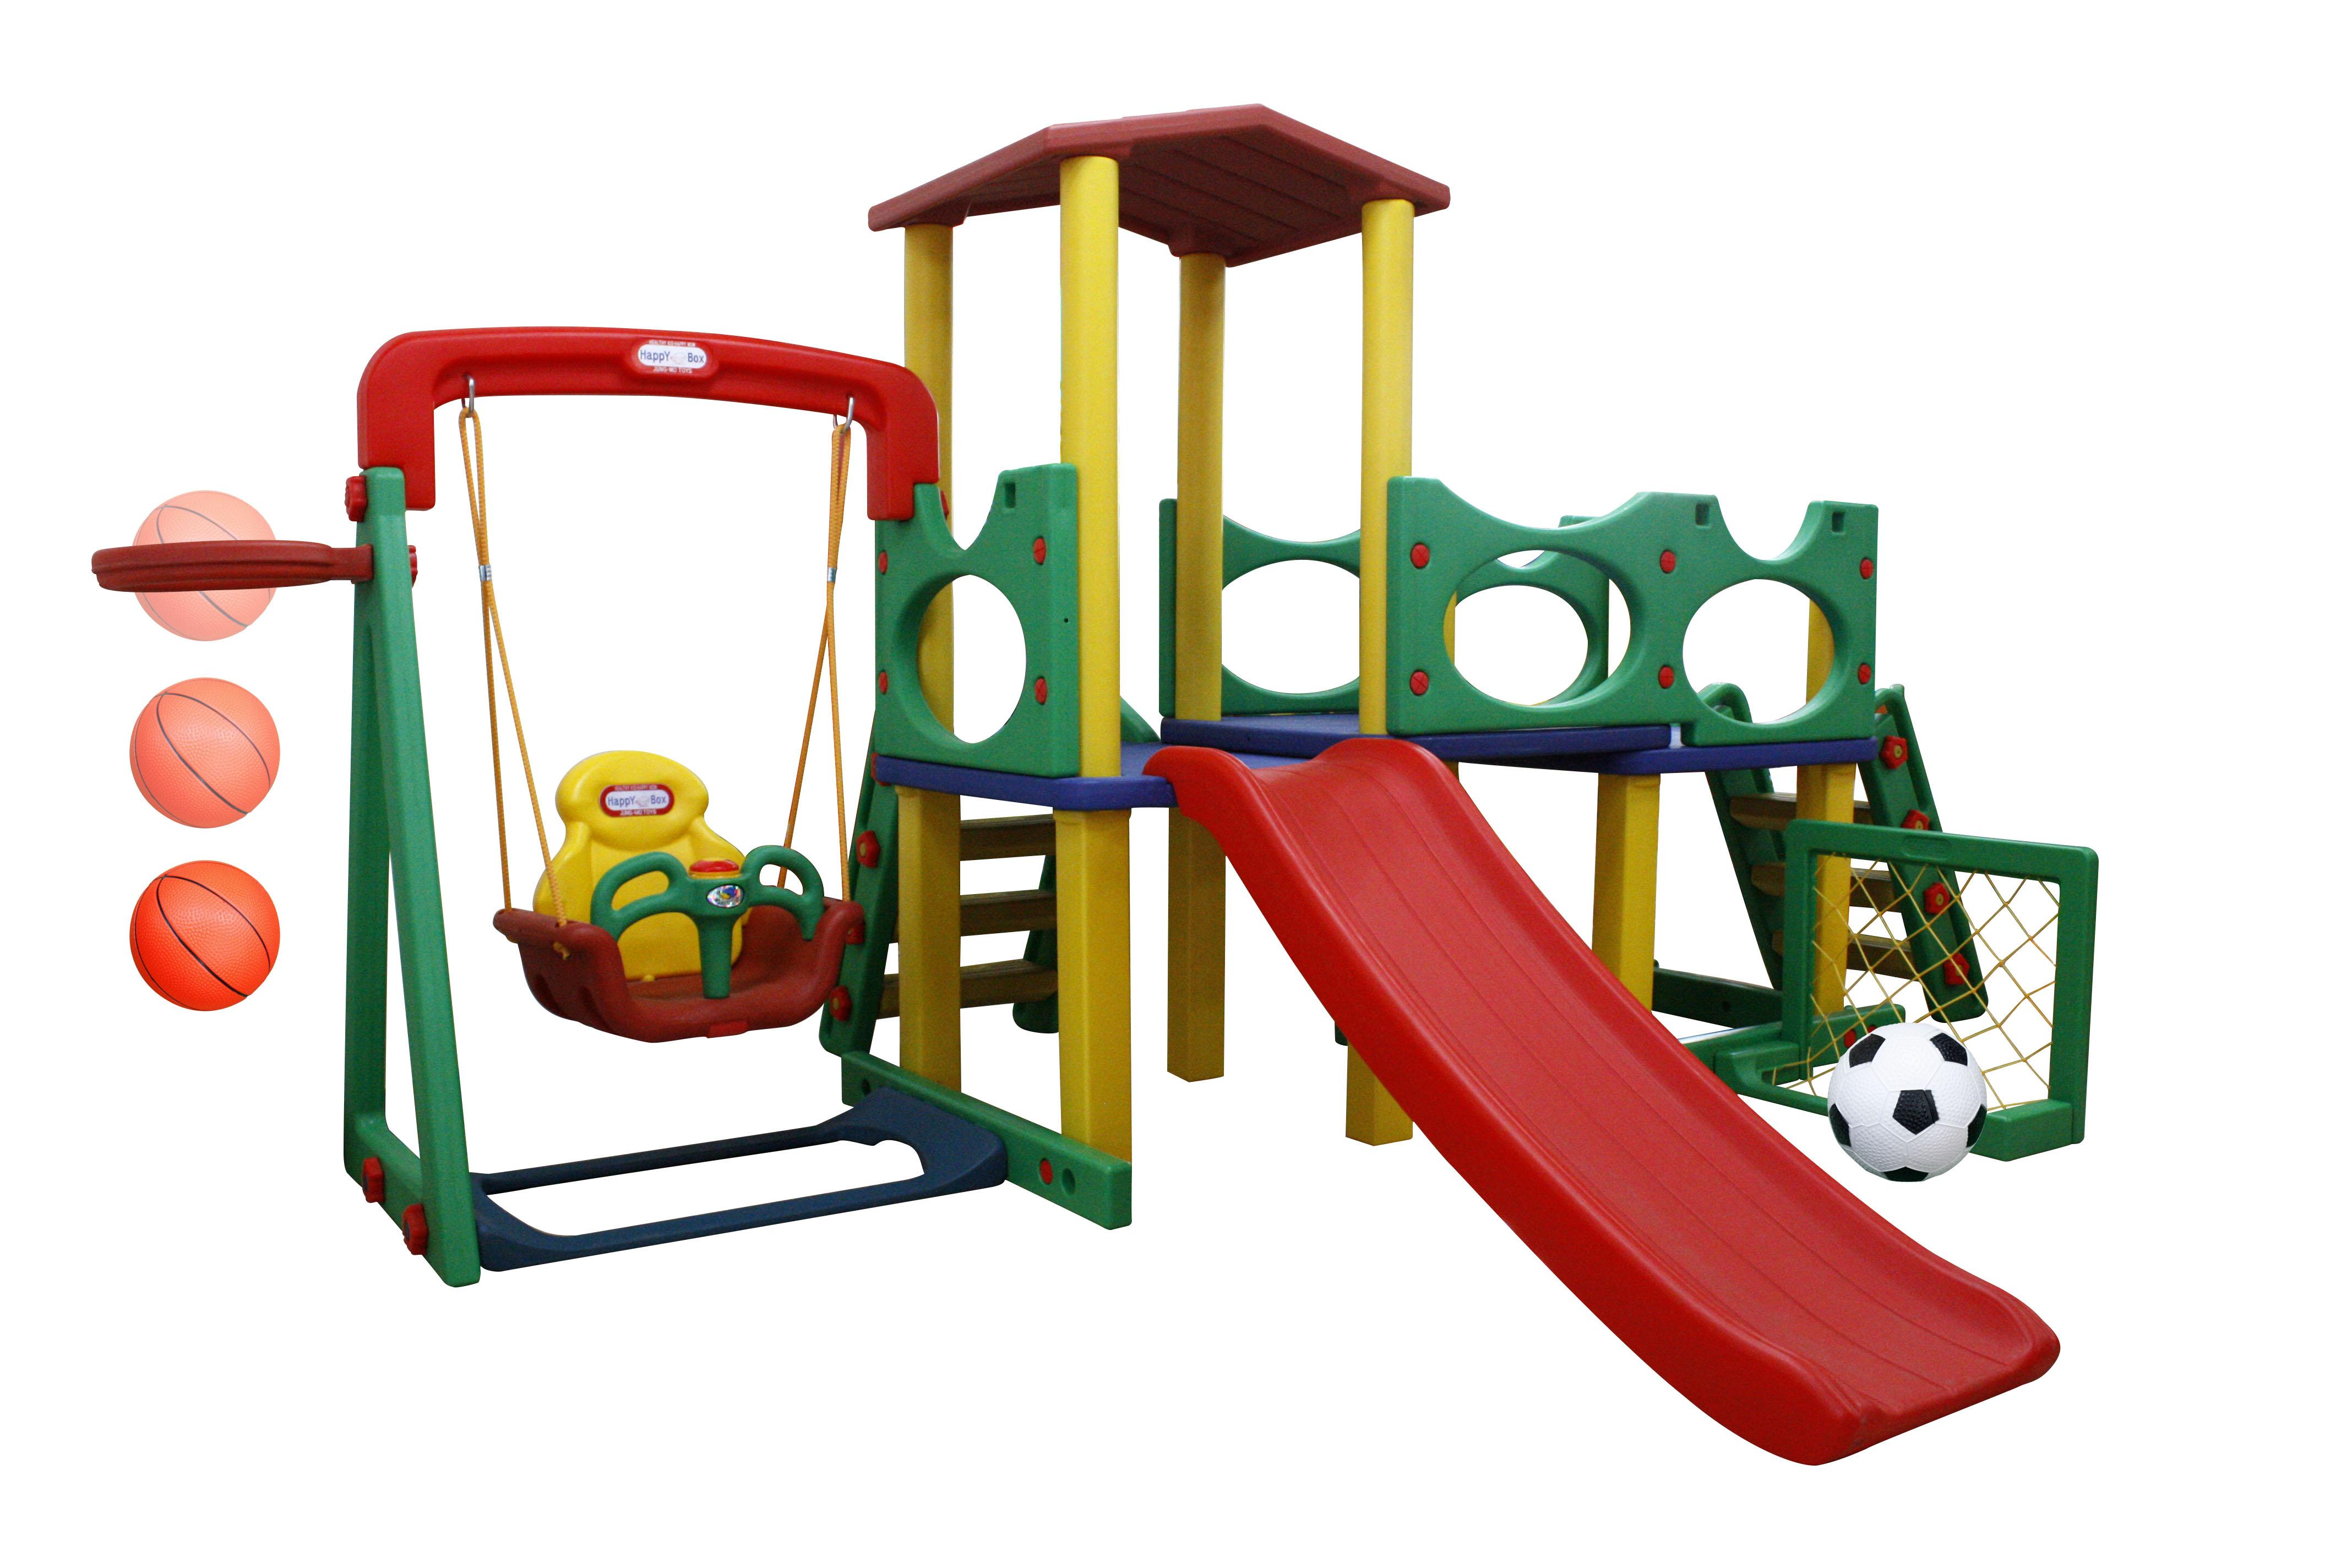 Игровая зона Smart Park с горкой, качелями, баскетбольным мячом и воротамиДетские игровые горки<br>Игровая зона Smart Park с горкой, качелями, баскетбольным мячом и воротами<br>